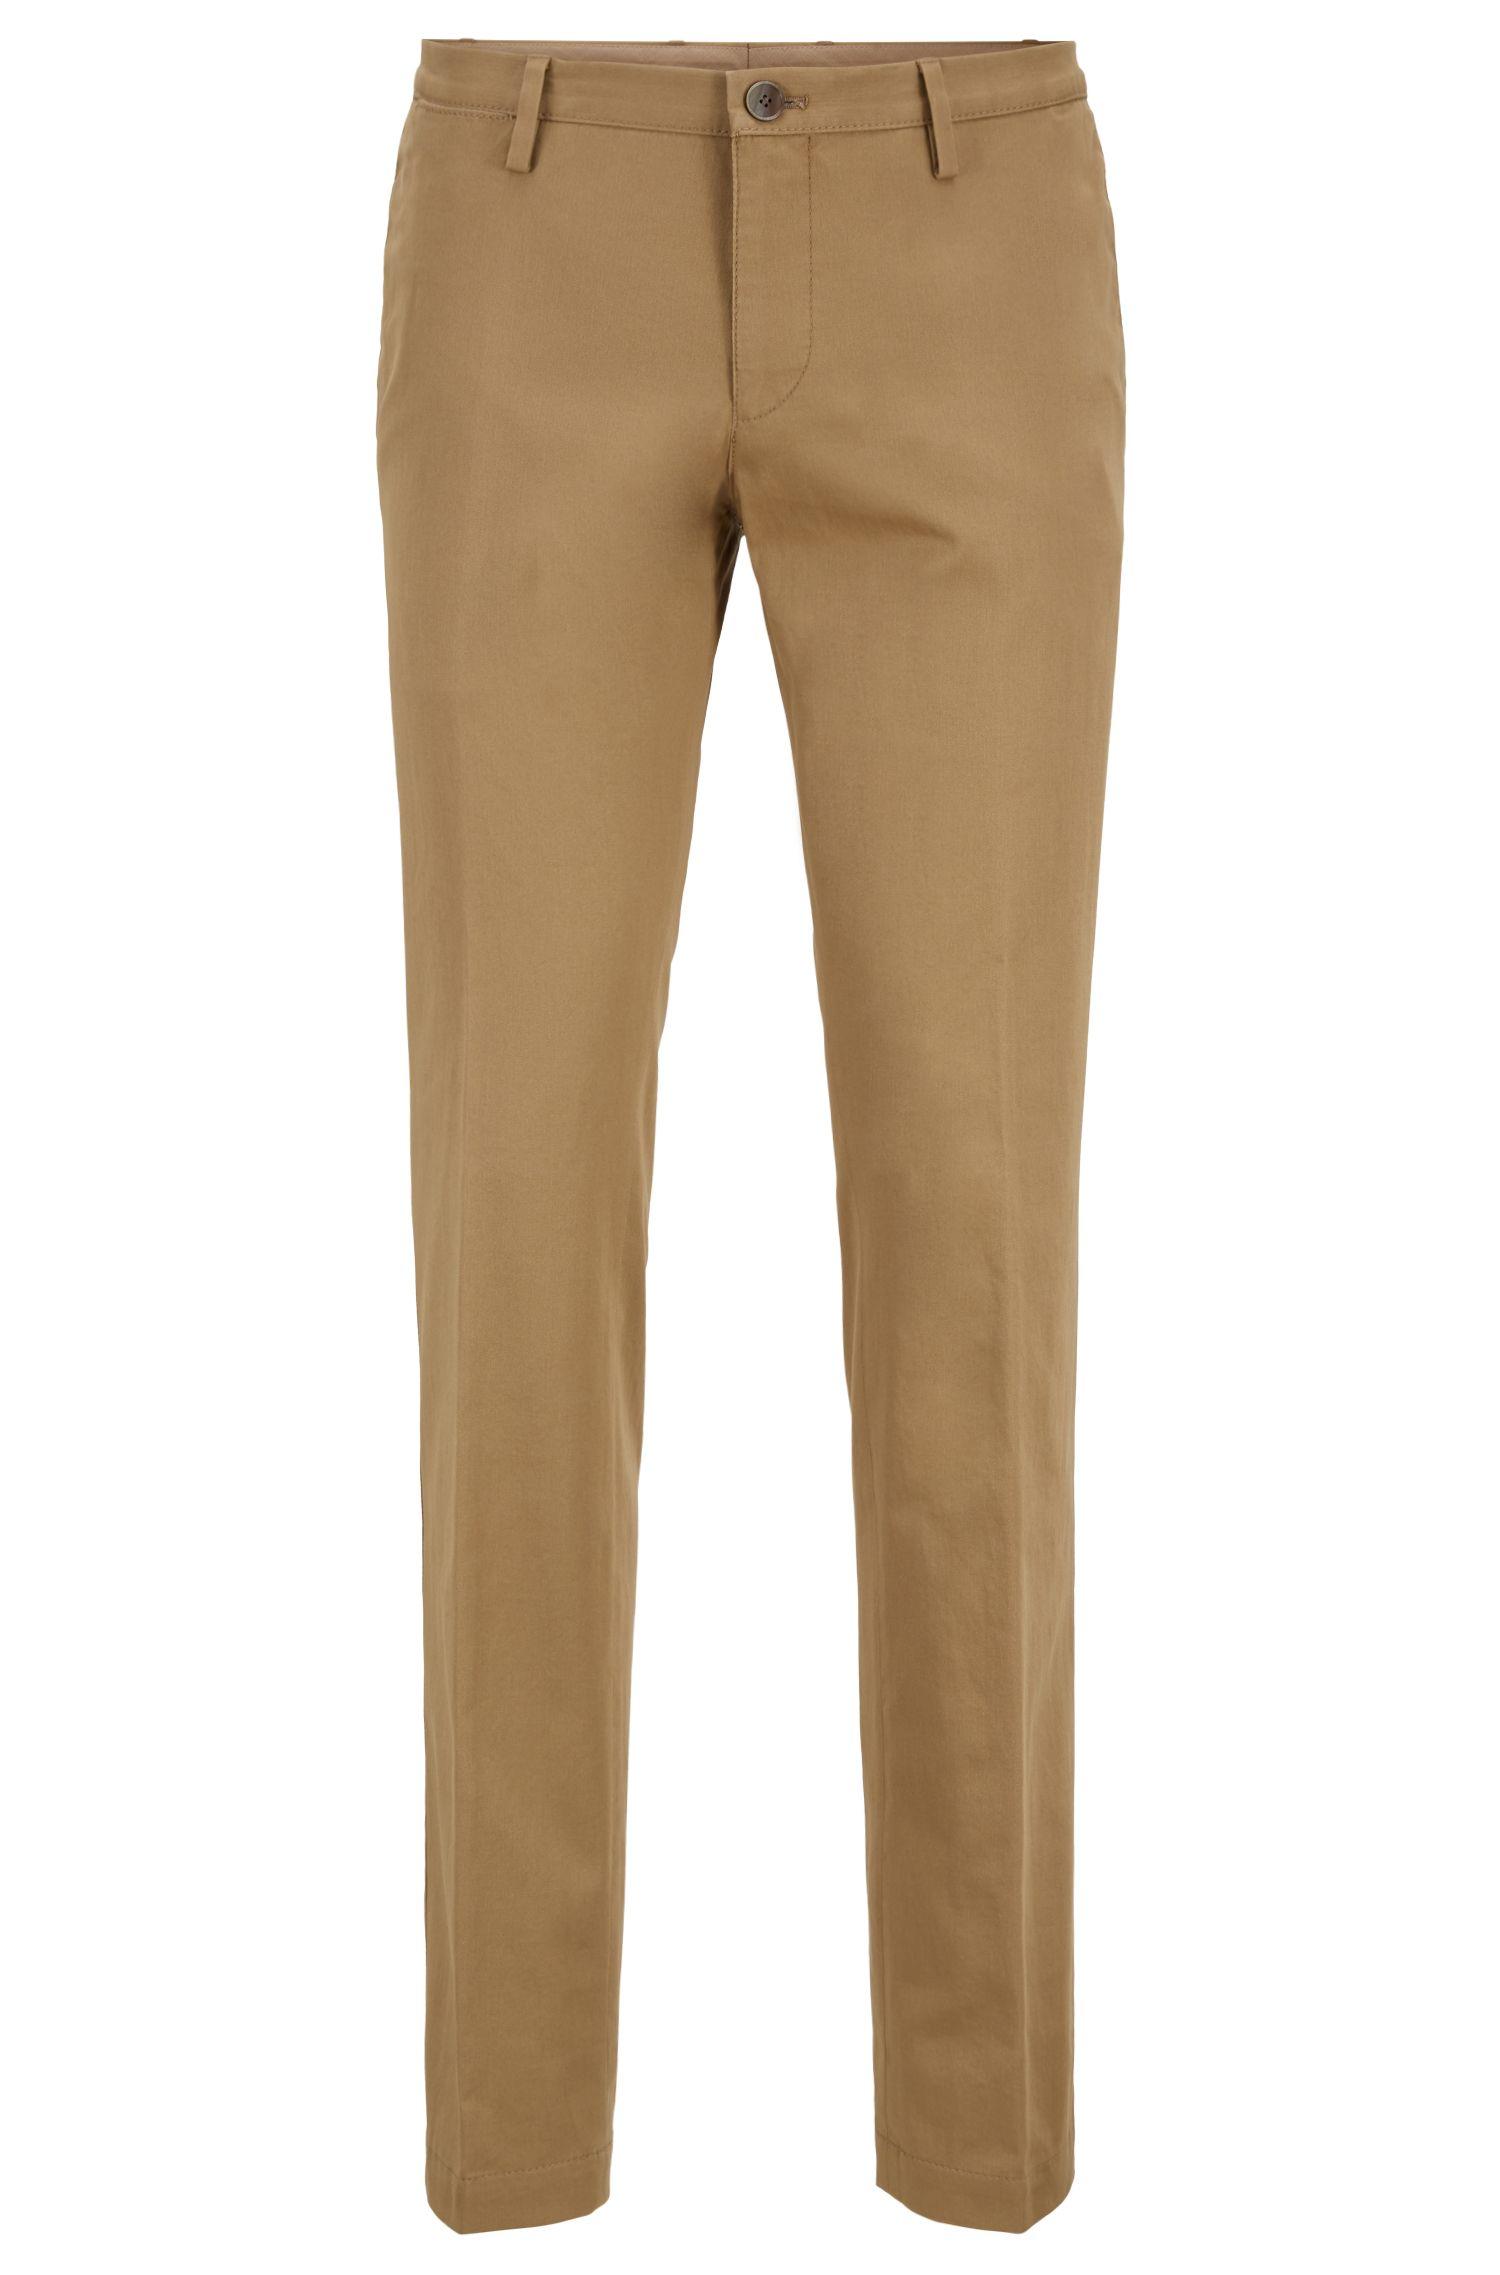 Stückgefärbte Slim-Fit Hose aus Stretch-Baumwolle, Beige